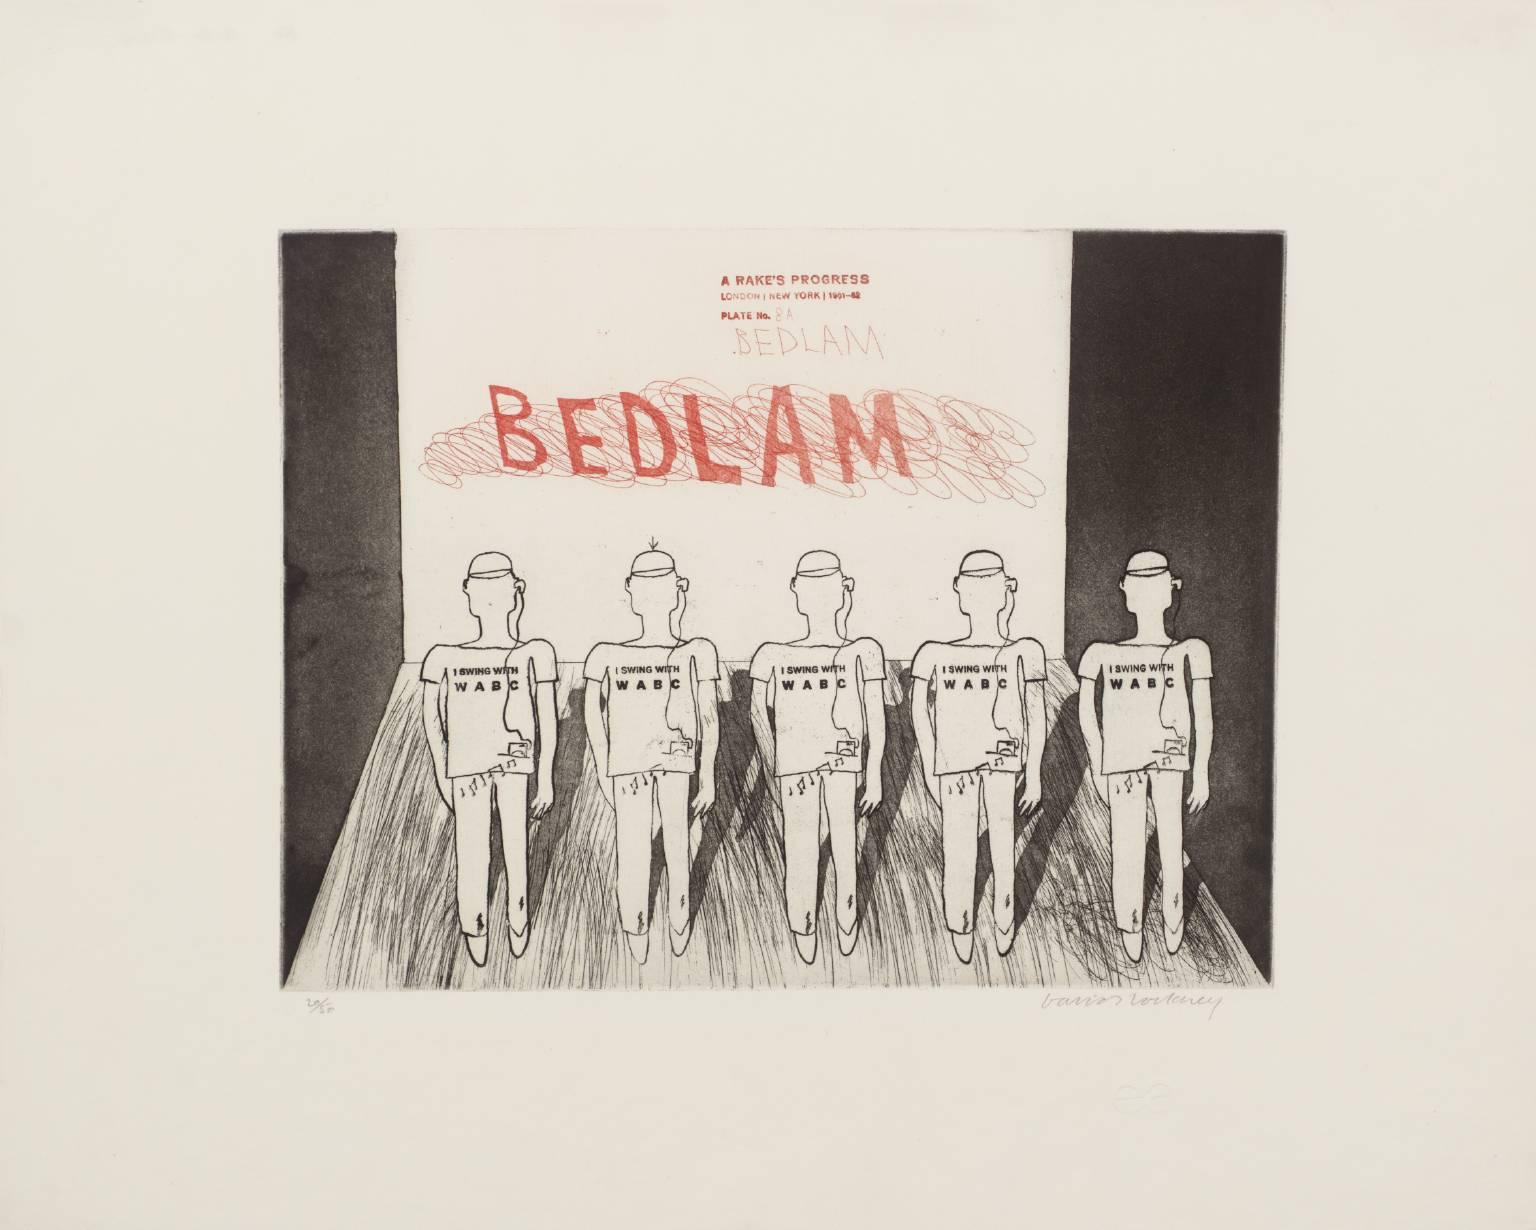 """David Hockney, """"Bedlam"""" From A Rake's Progress, 1961-63 - Etching Edition of 50.jpg"""